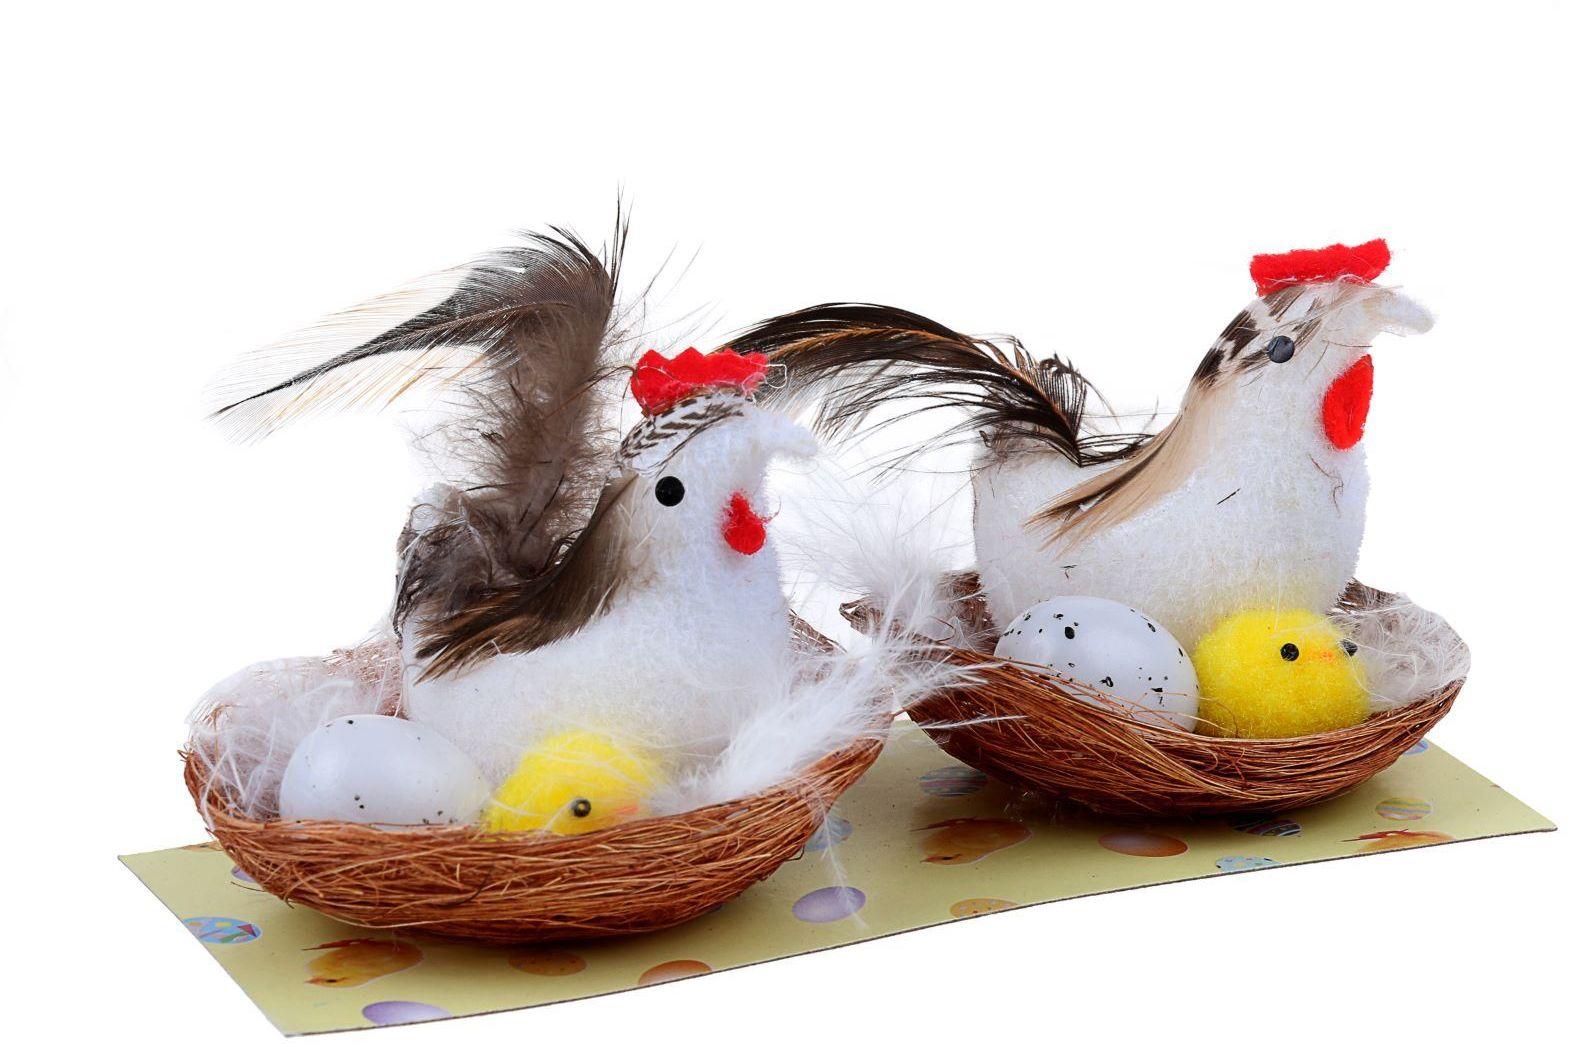 Сувенир пасхальный Sima-land Утреннее пение с цыпой и яйцом, 2 шт10850/1W GOLD IVORYСувенир (набор 2 шт) Утреннее пение с цыпой и яйцом — самый популярный пасхальный декор. Фигурками цып принято декорировать праздничный пасхальный стол во многих странах мира. Россия не исключение.Вы можете украсить таким замечательным сувениром тарелку гостей, превратив её в гнездо. Или преподнести его в качестве подарка близкому человеку. Удивите себя и родных!